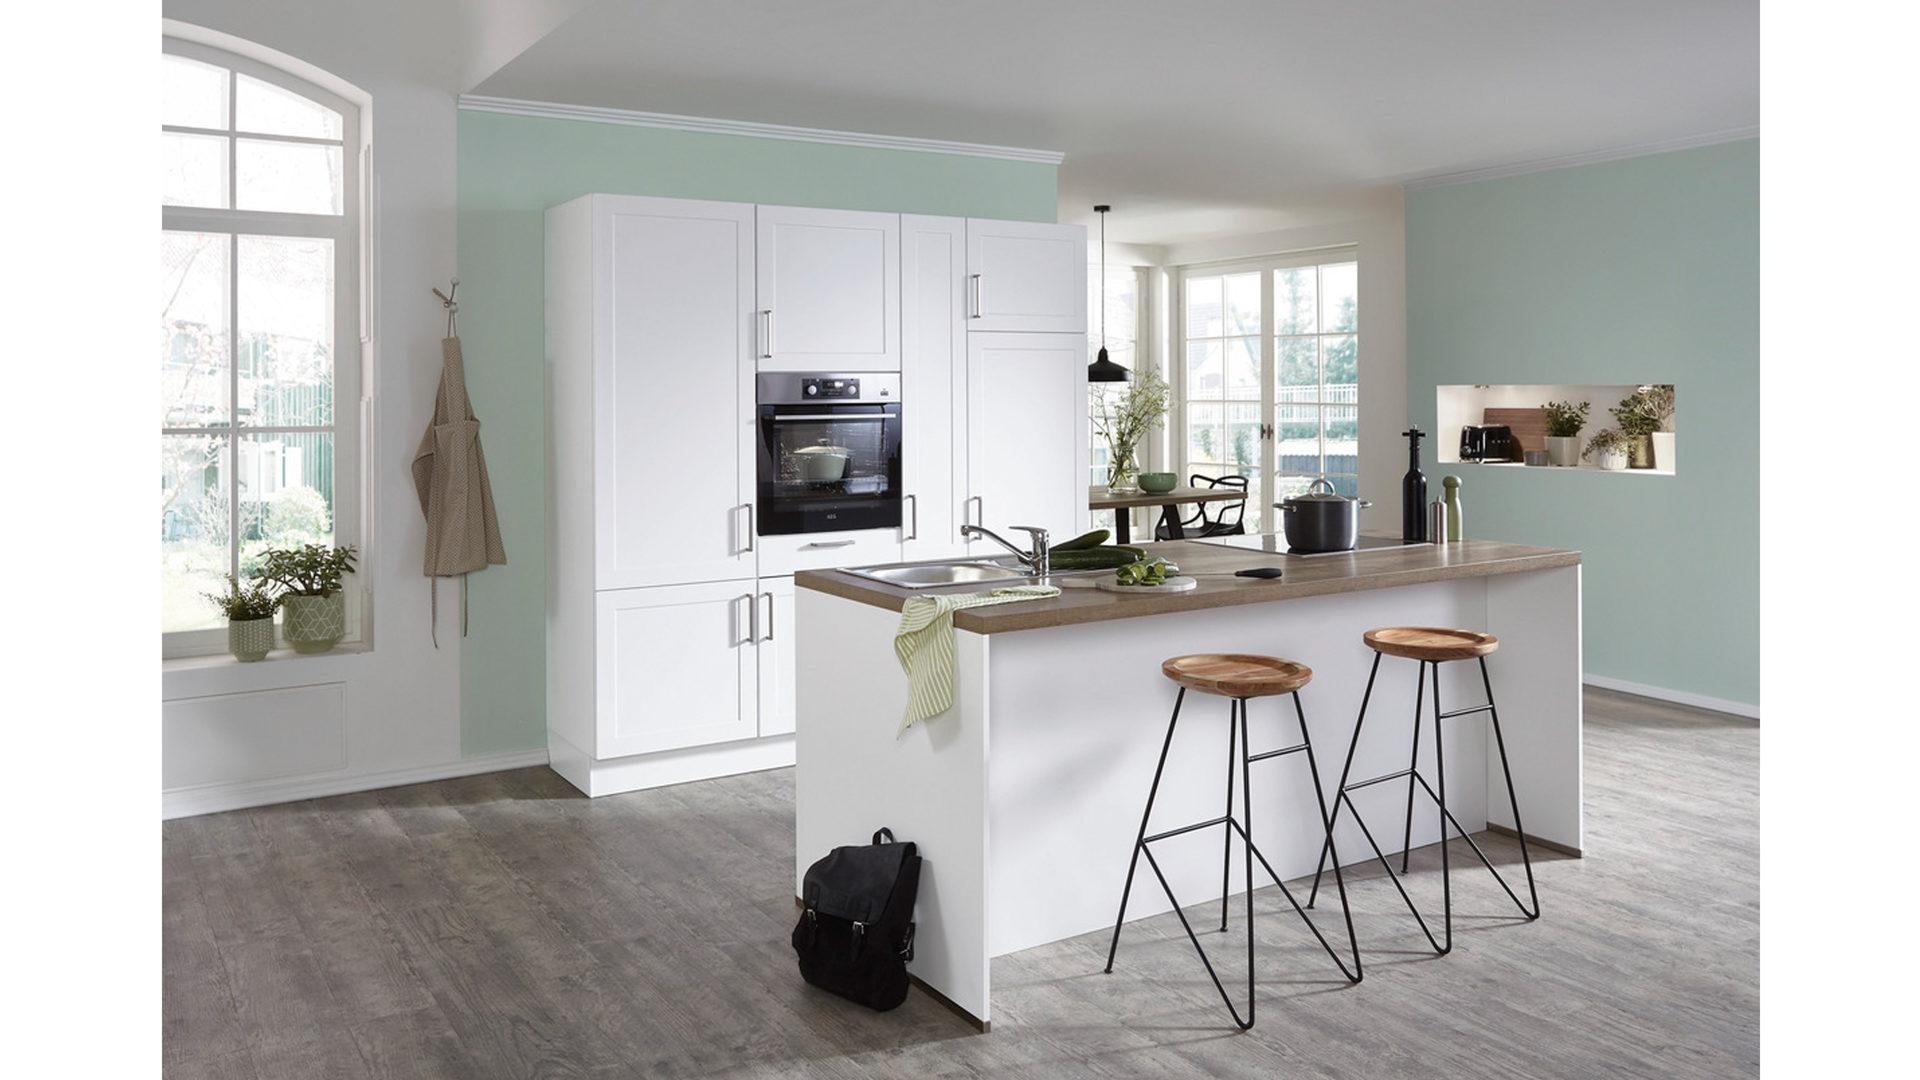 Möbel Boer Coesfeld | Möbel A-Z | Küchen | Einbauküchen | Einbauküche